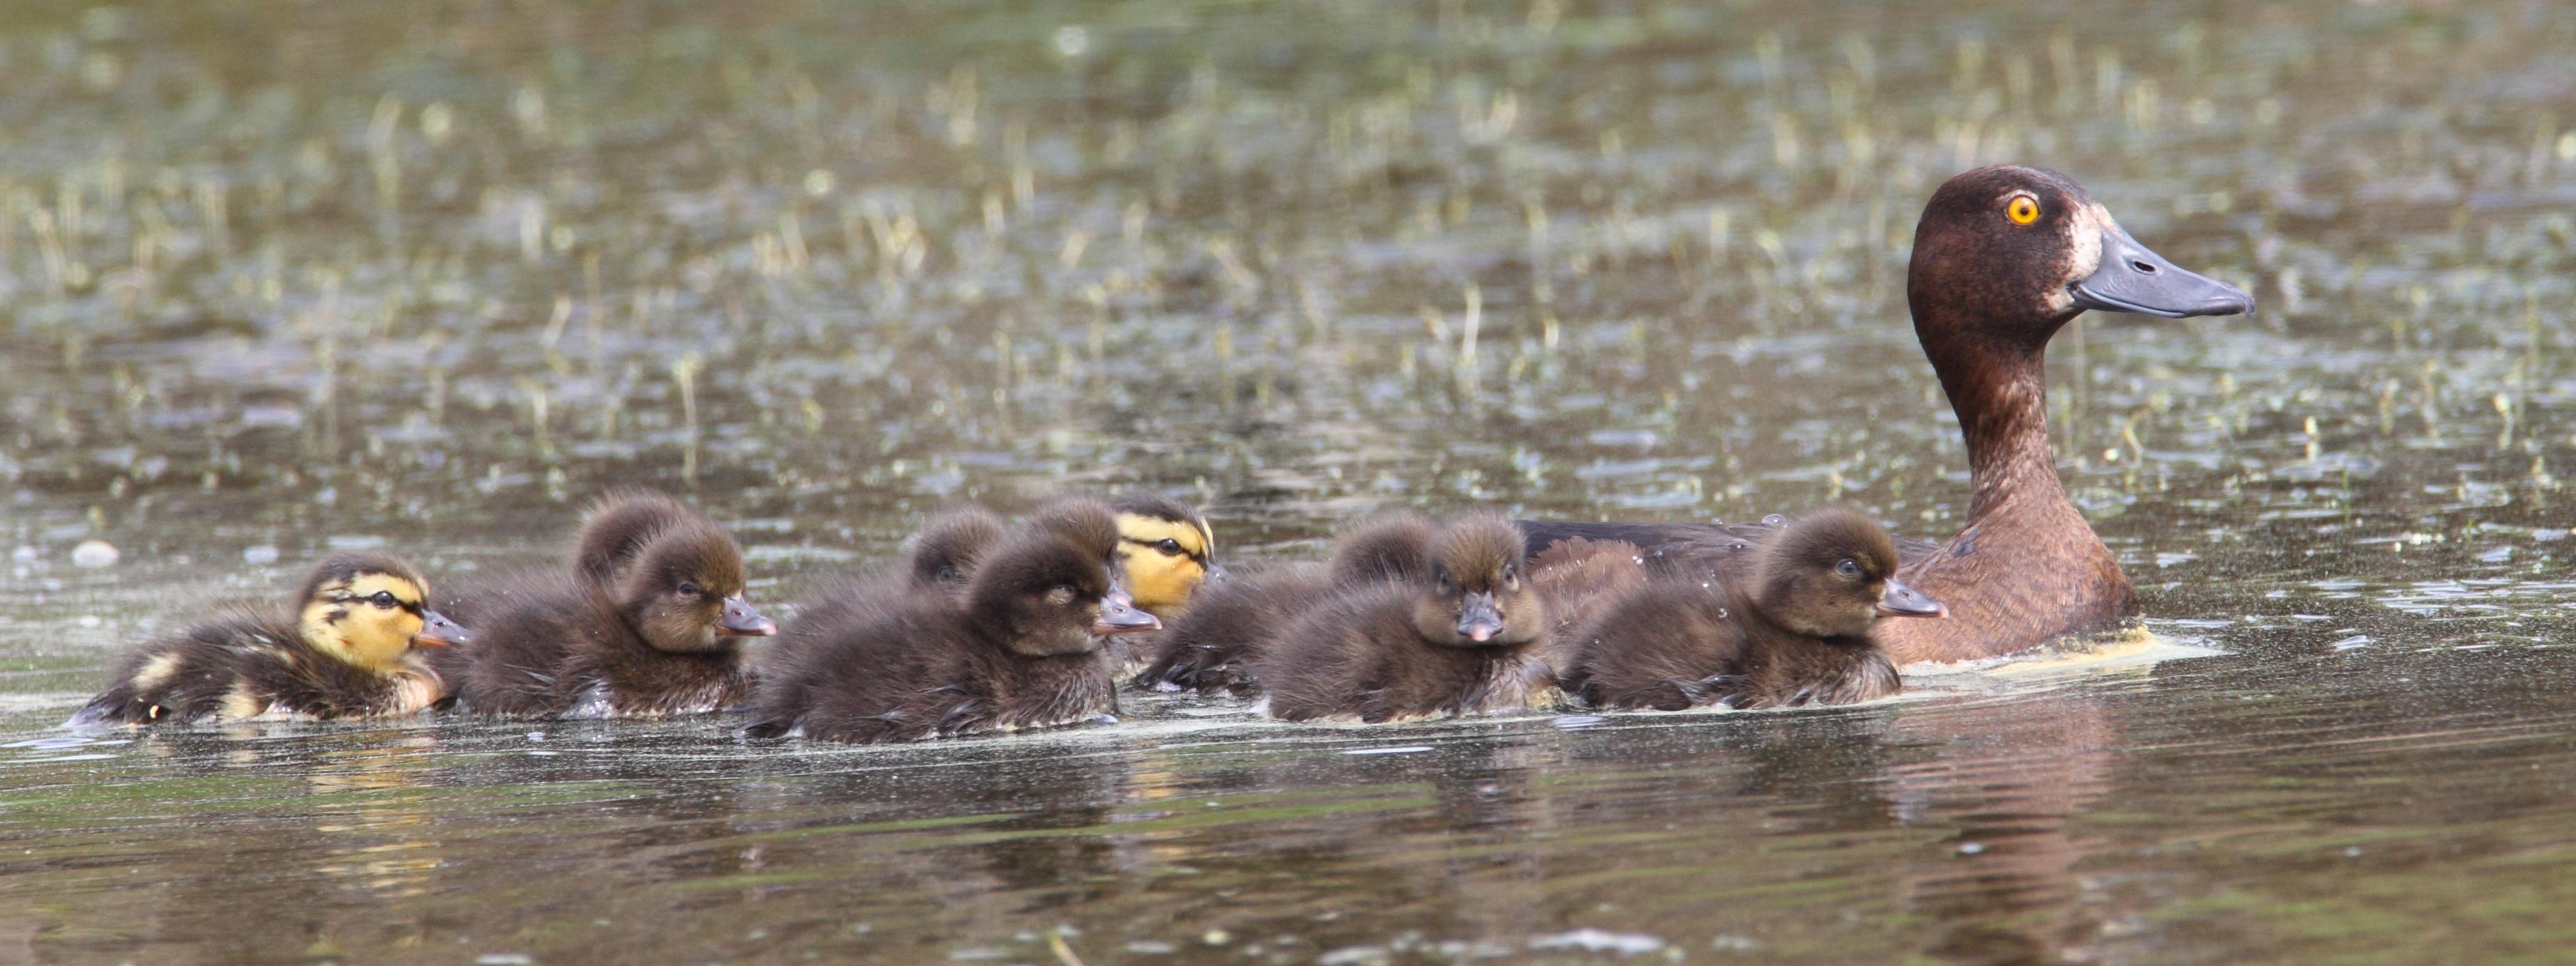 duckling days at wallasea island wallasea island wild coast